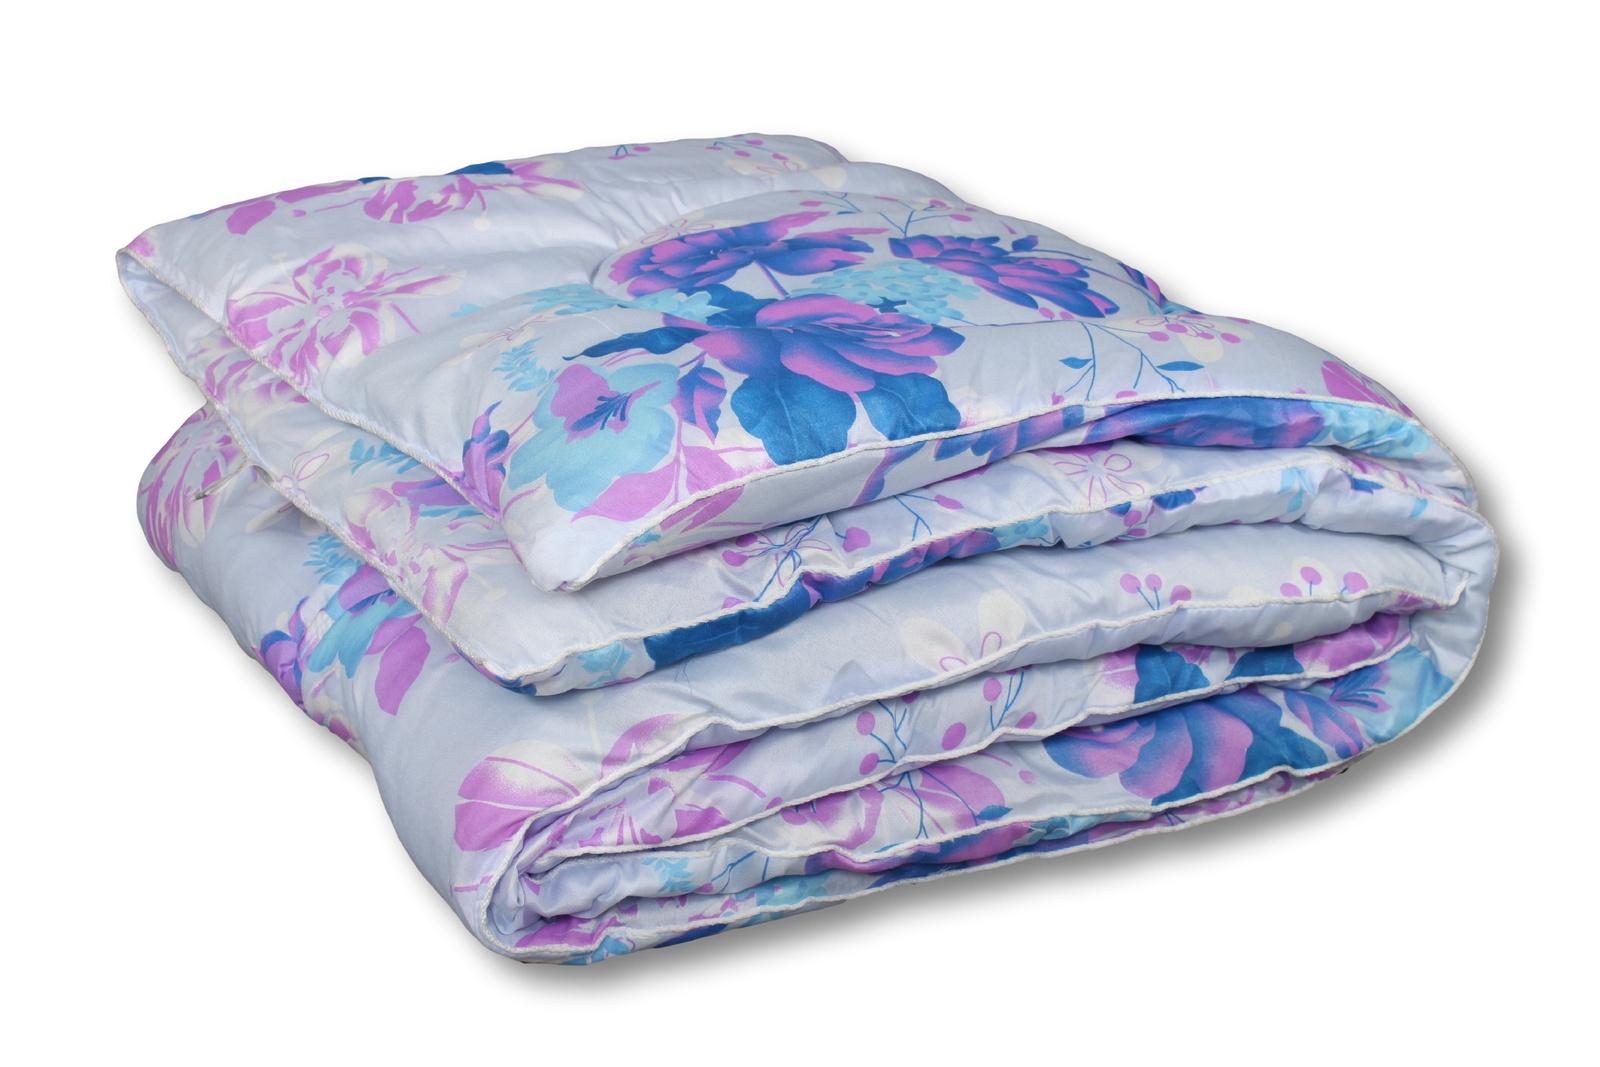 электропростыни и одеяла Одеяло Альвитек Холфит классическое